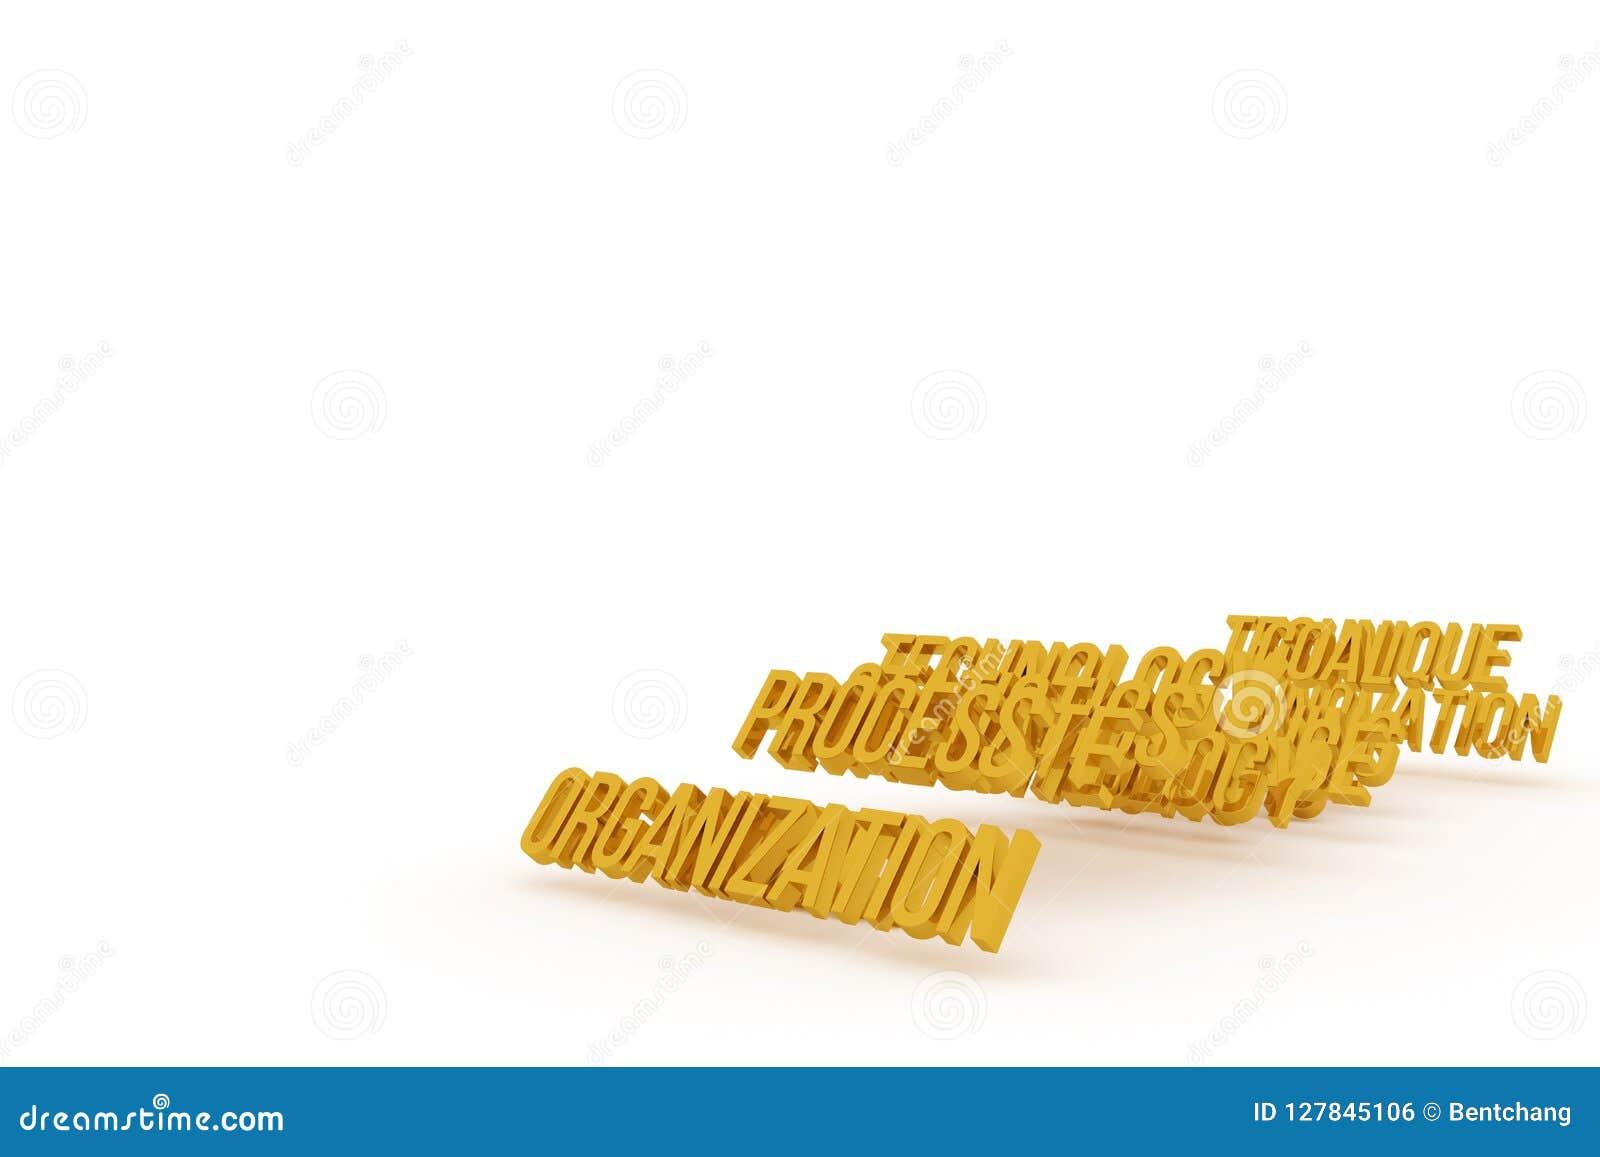 Organisation begreppsmässiga guld- ord 3D för affär Design, tapet, bakgrund & överskrift